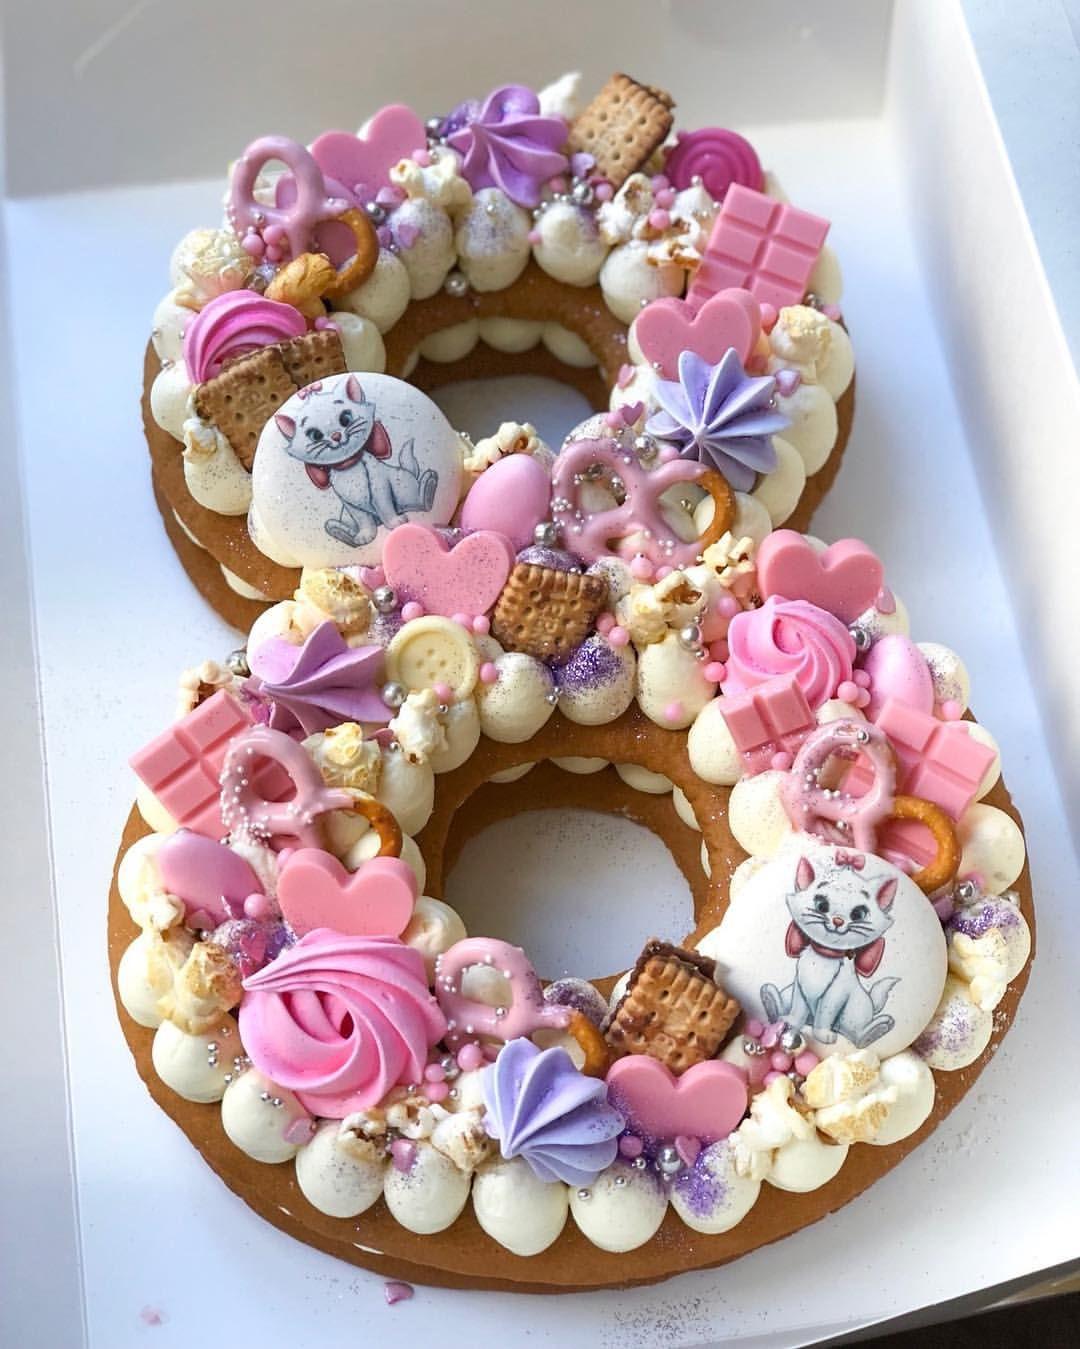 Я тут всем рассказываю,что такой тортик весит примерно ...